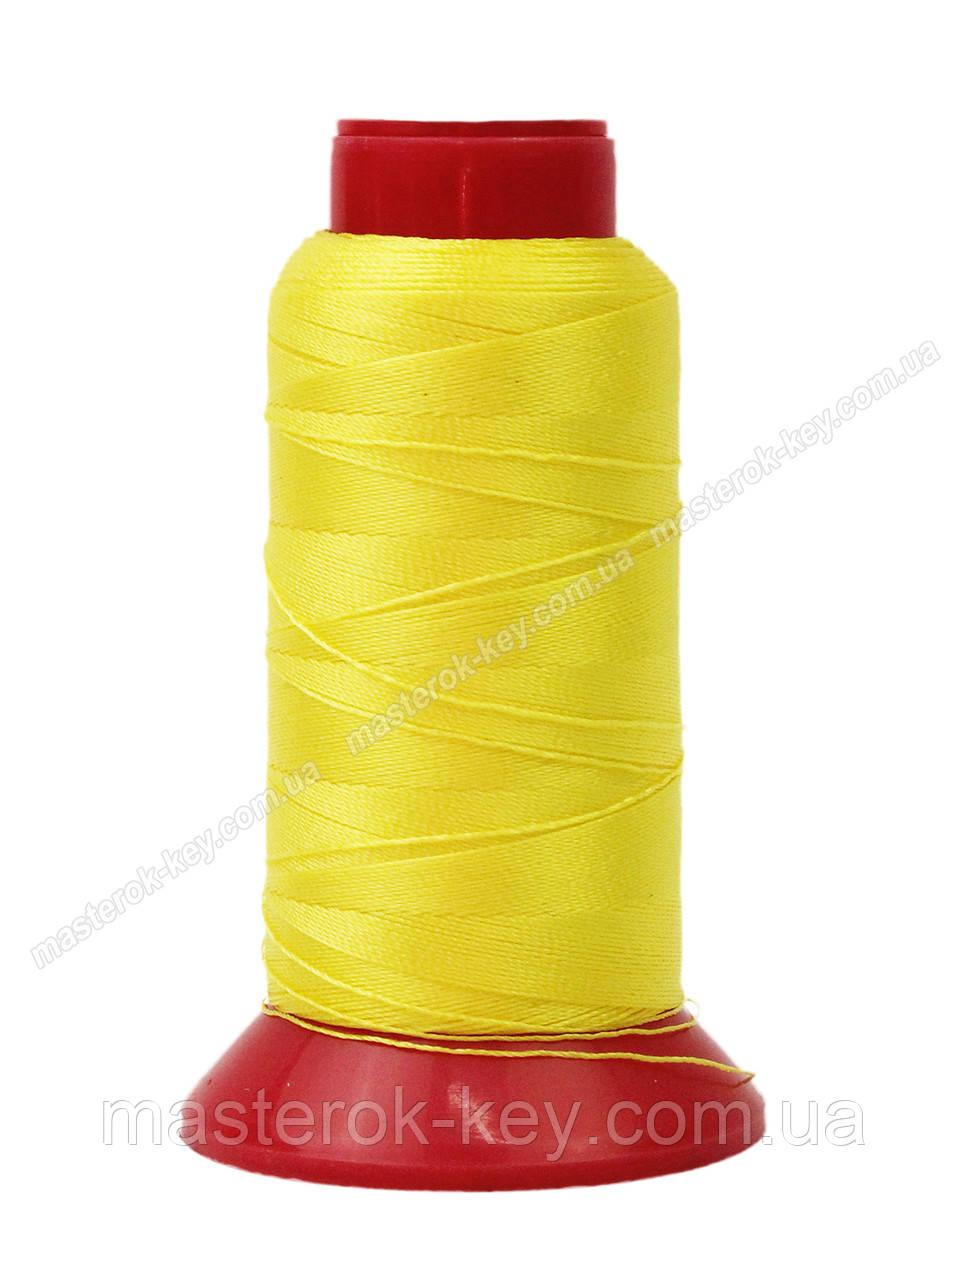 Нитка швейная,обувная TYTAN N40 A58 цвет желтый 500м. Турция